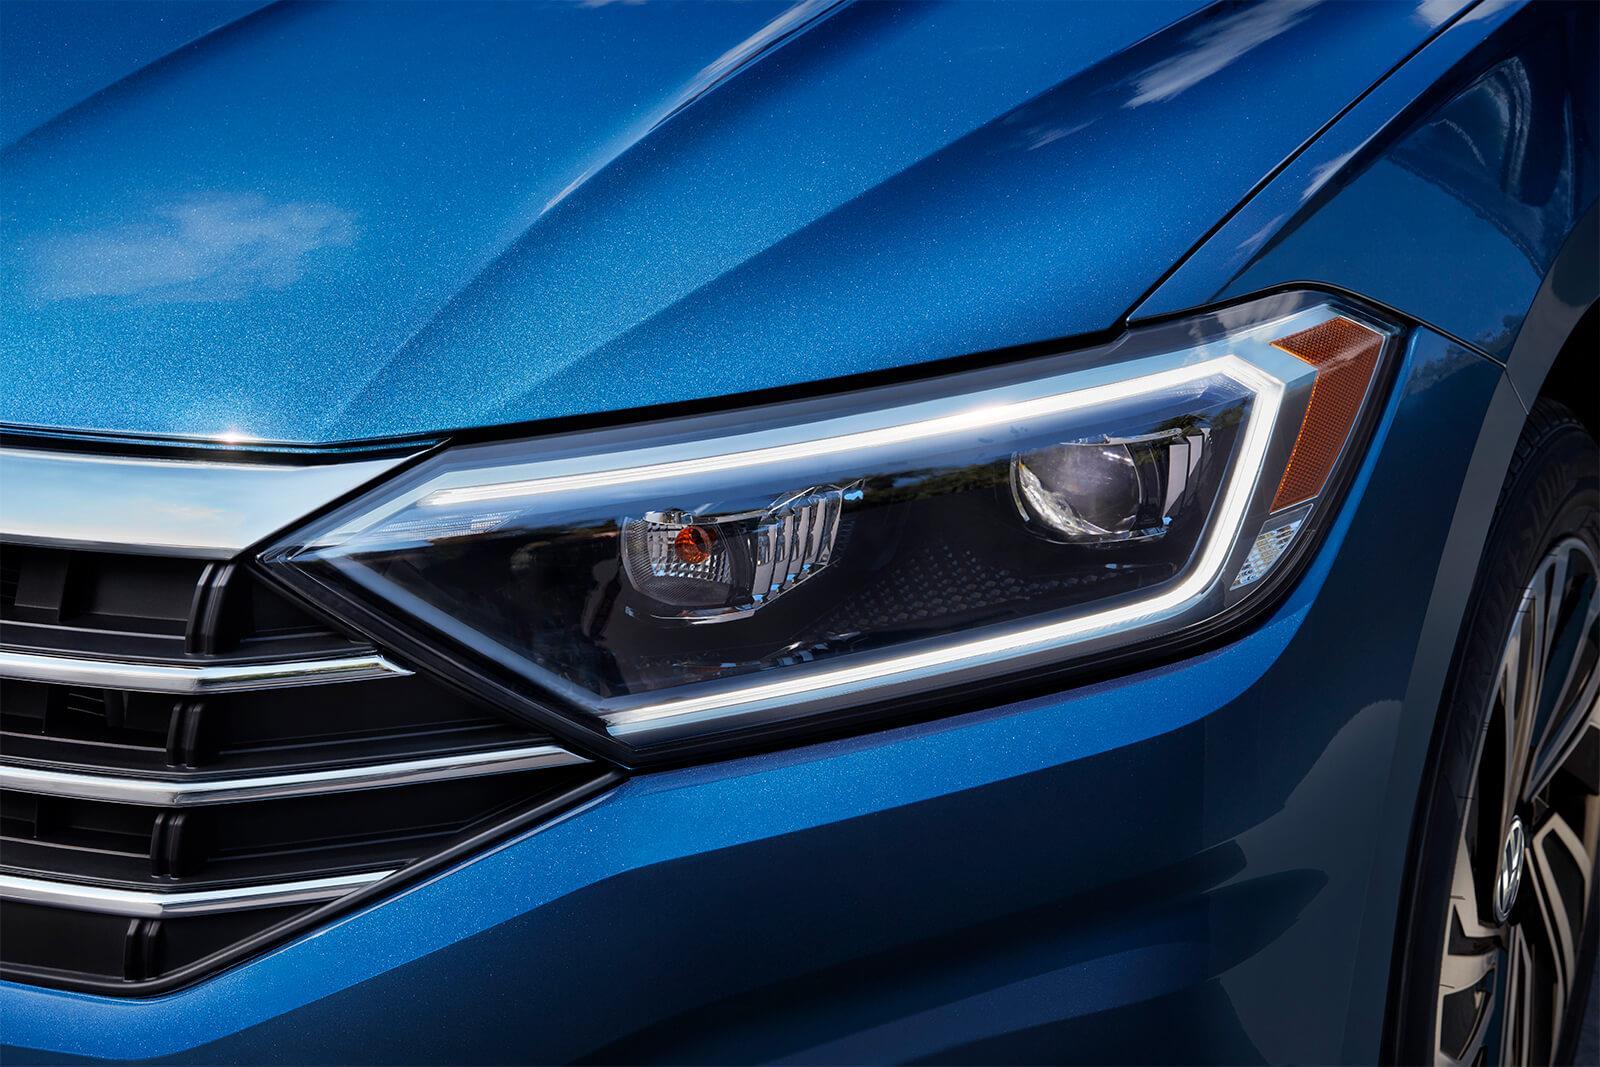 Las luces delanteras LED disponibles en el Volkswagen Jetta 2019